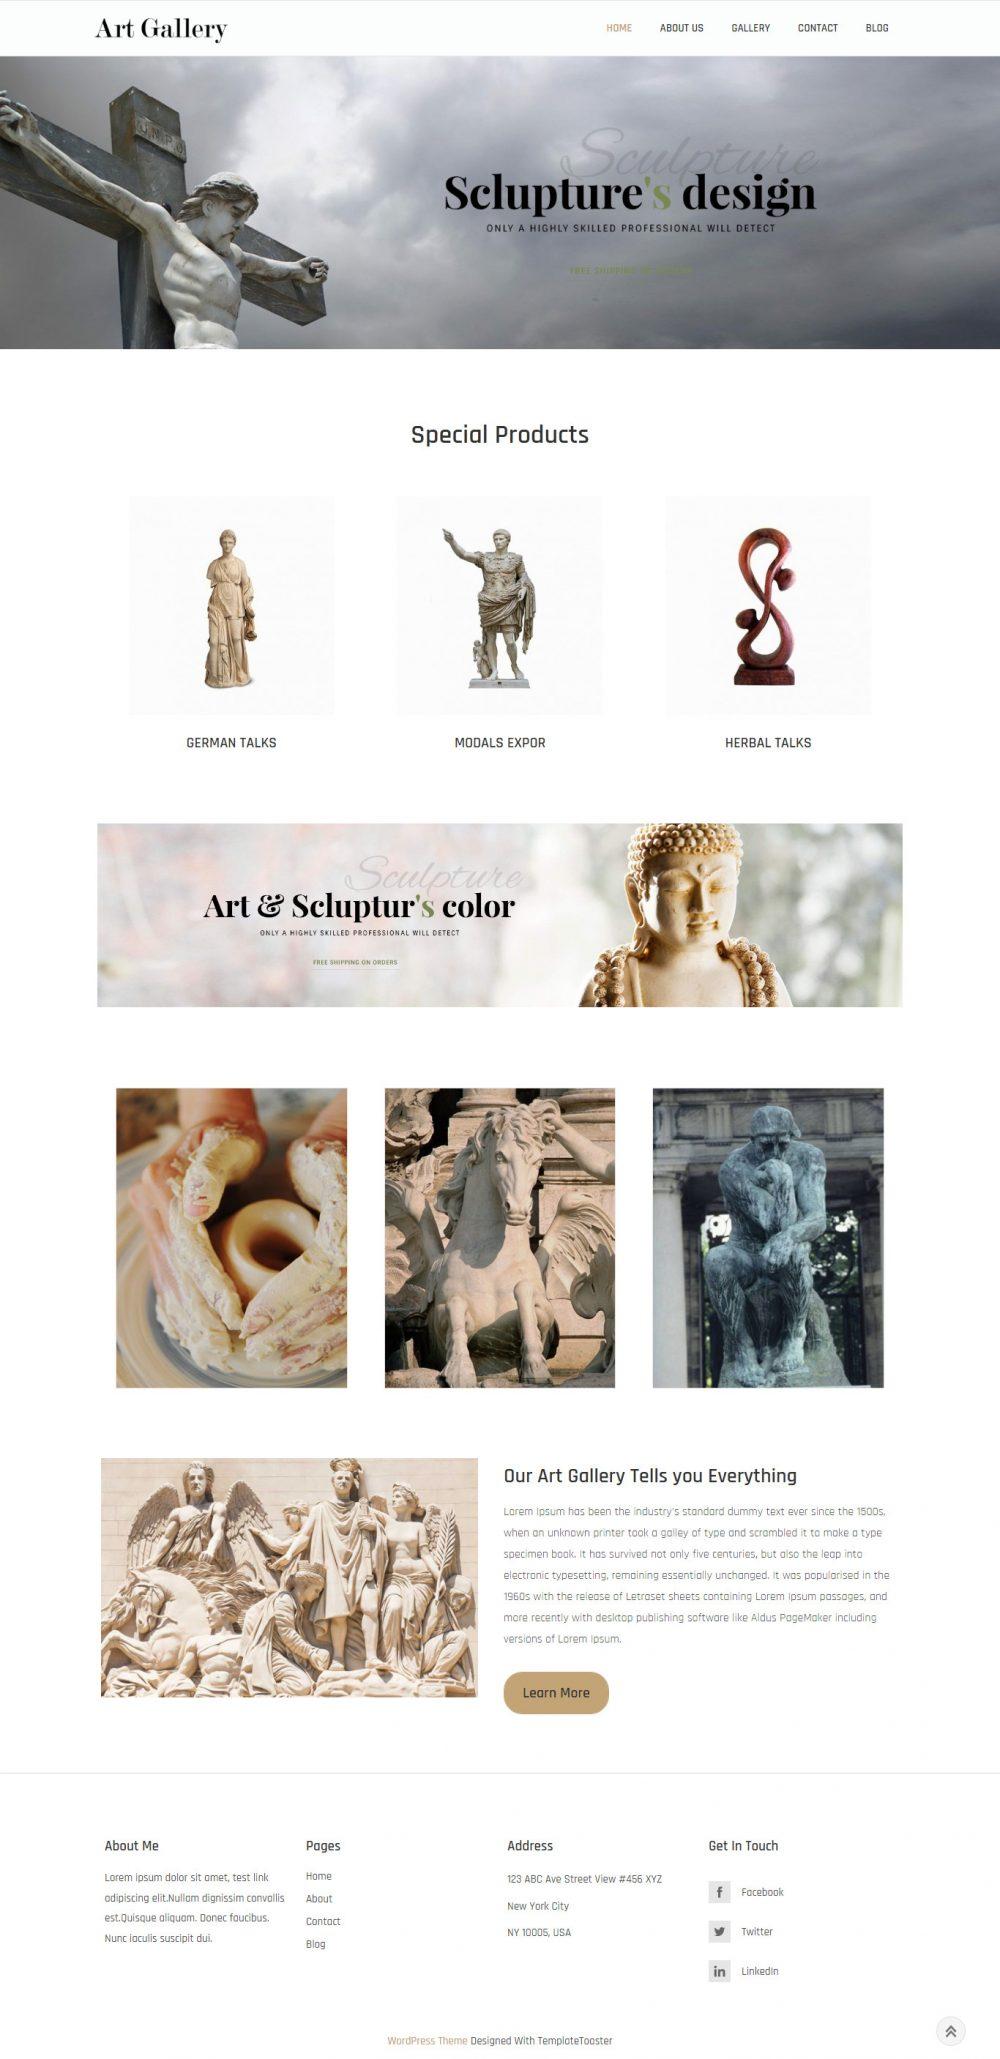 Art Gallery - Sculptor & Design HTML Template